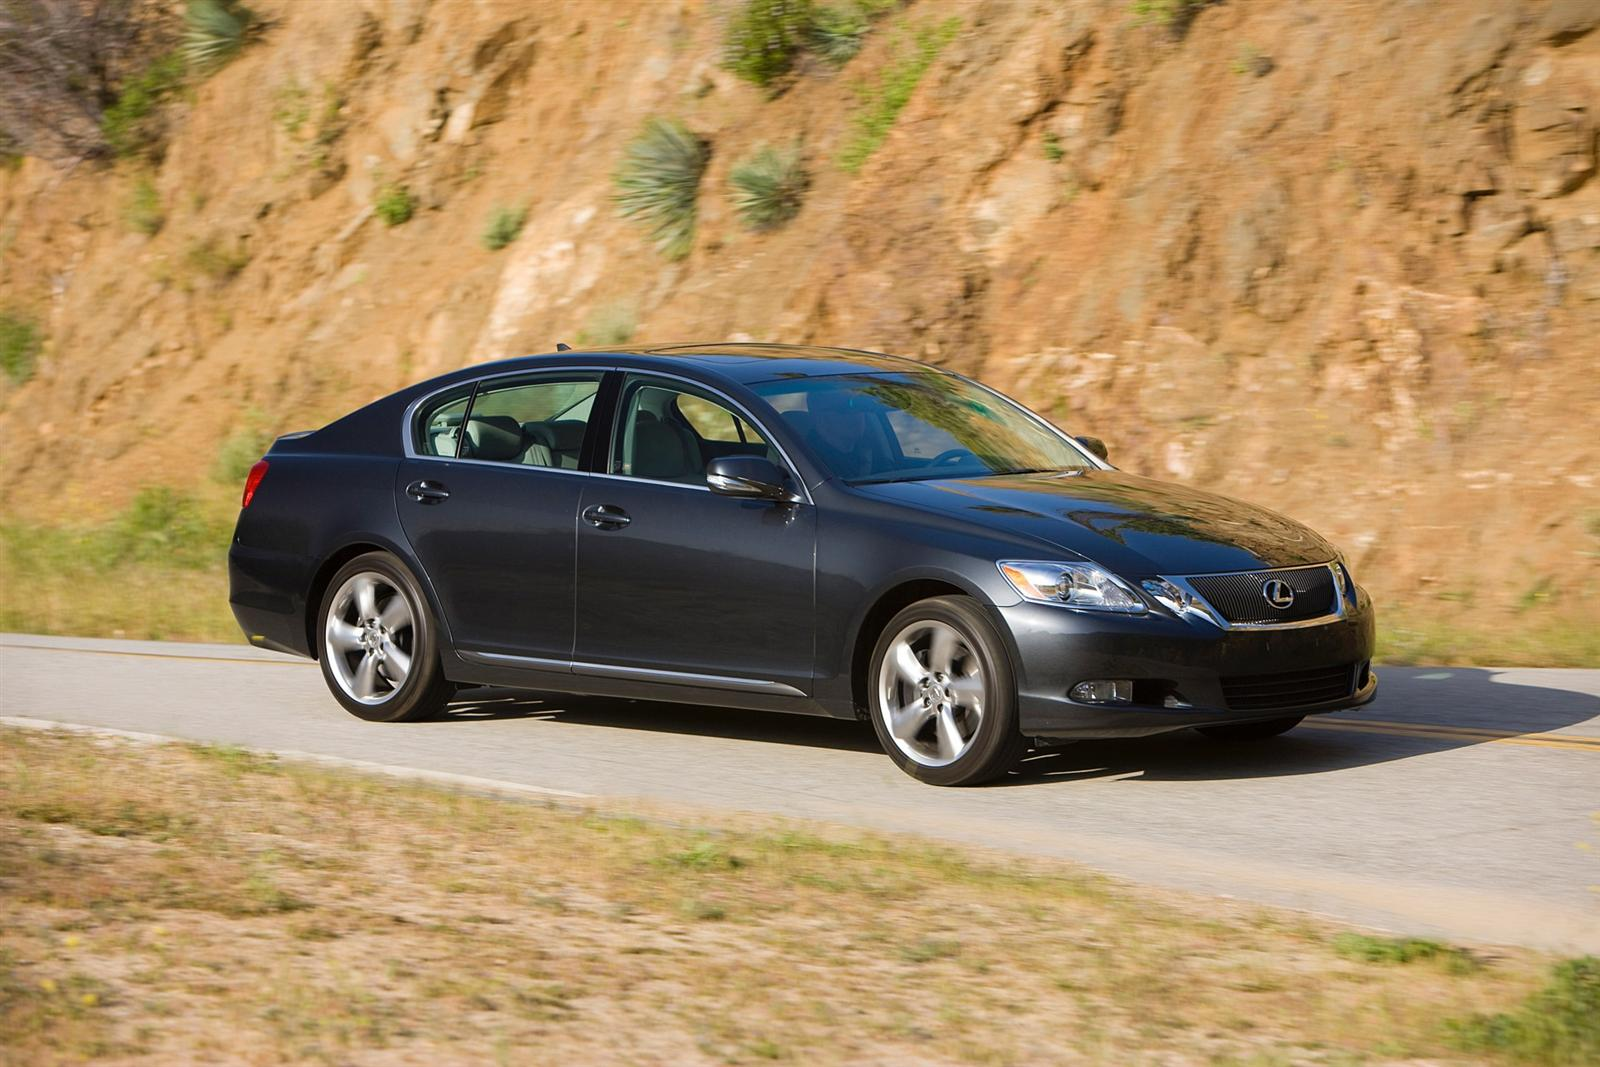 2011 Lexus GS 350